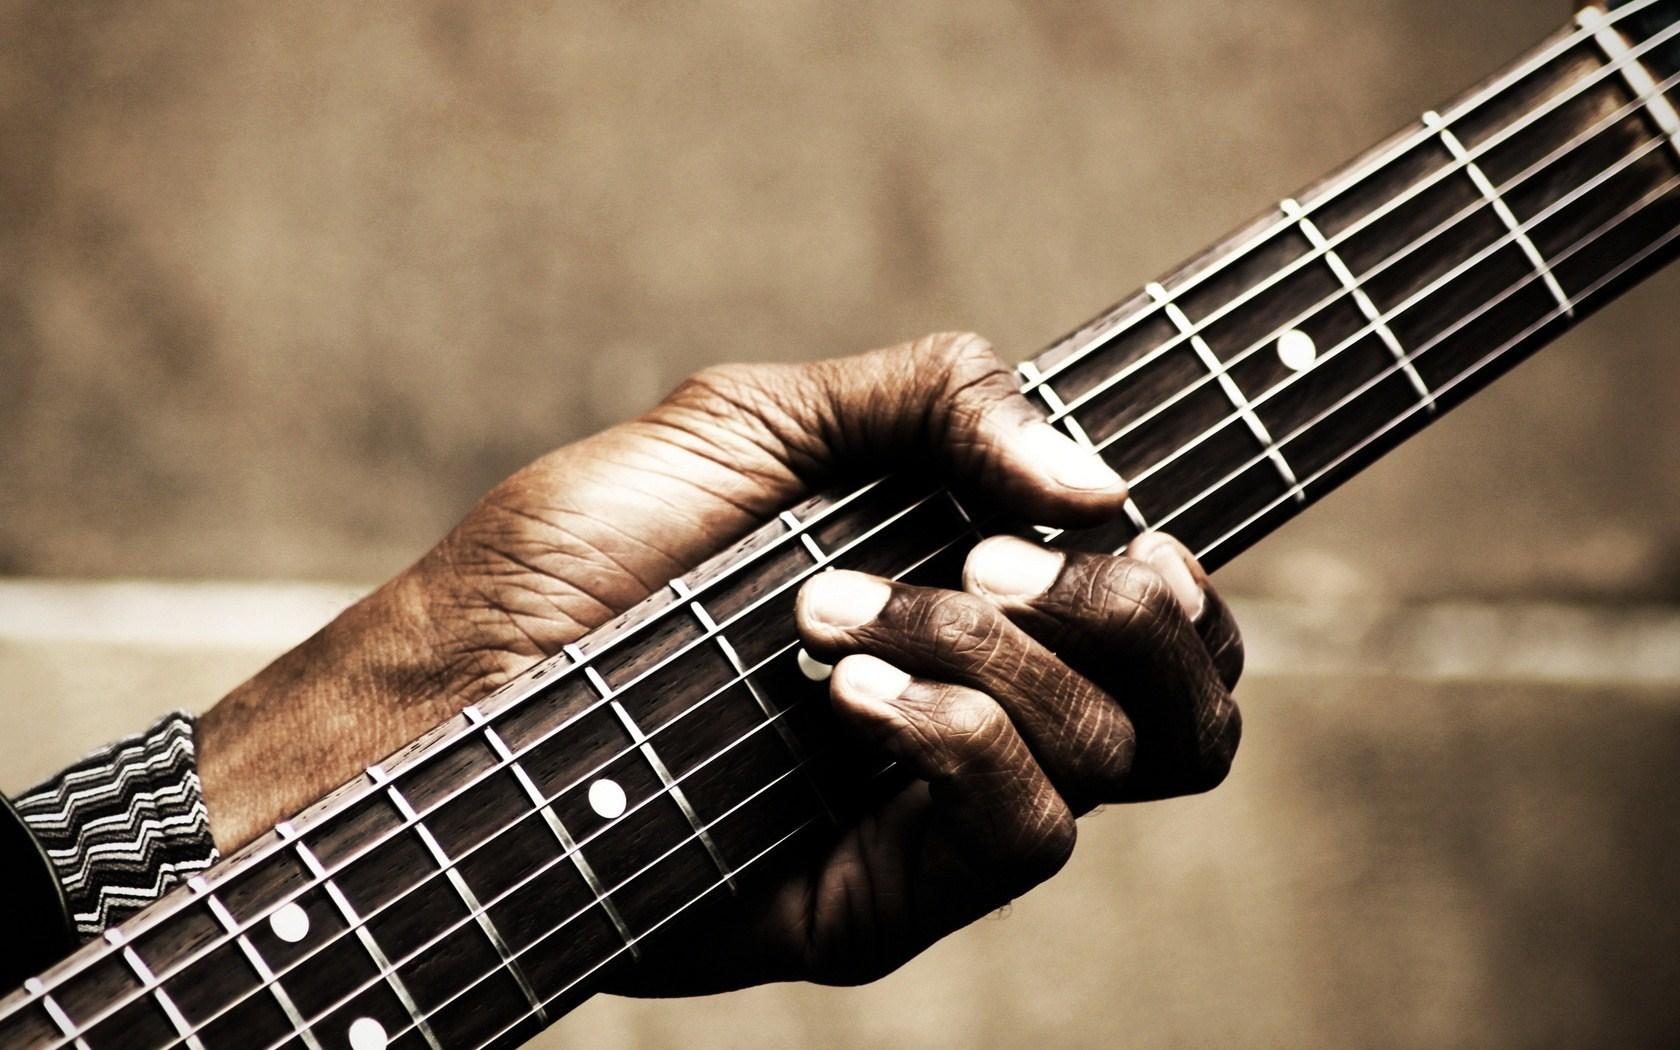 Guitar Hand Music HD Wallpaper